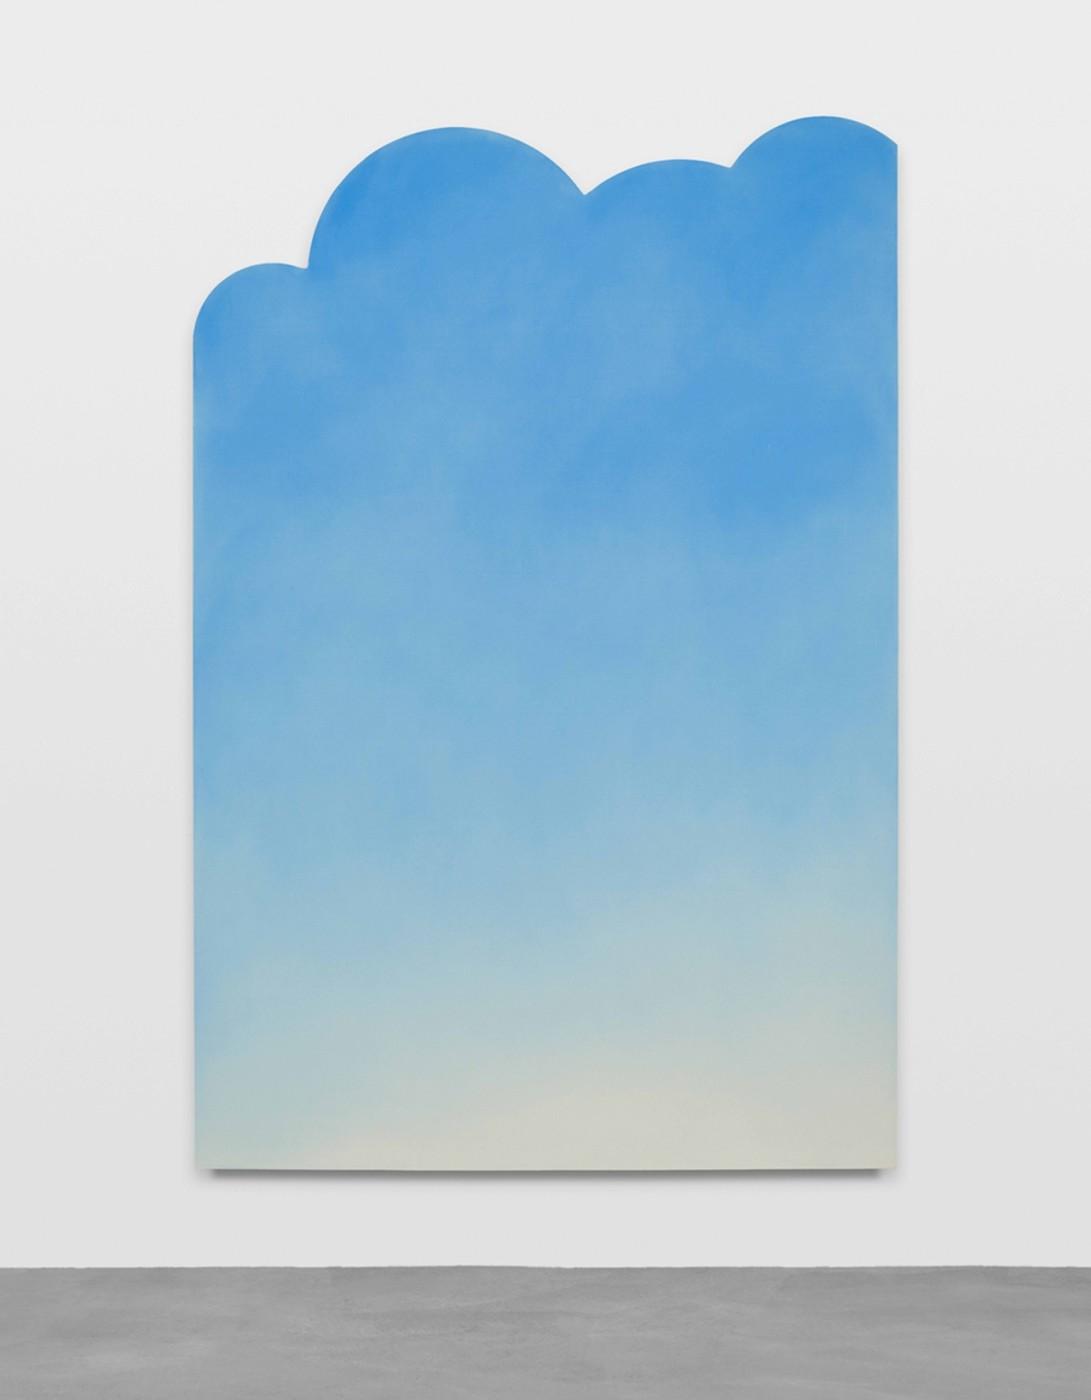 """<div class=""""artwork_caption""""><p>neunundzwanzigsterjunizweitausendundfünfzehn, 2015</p></div>"""